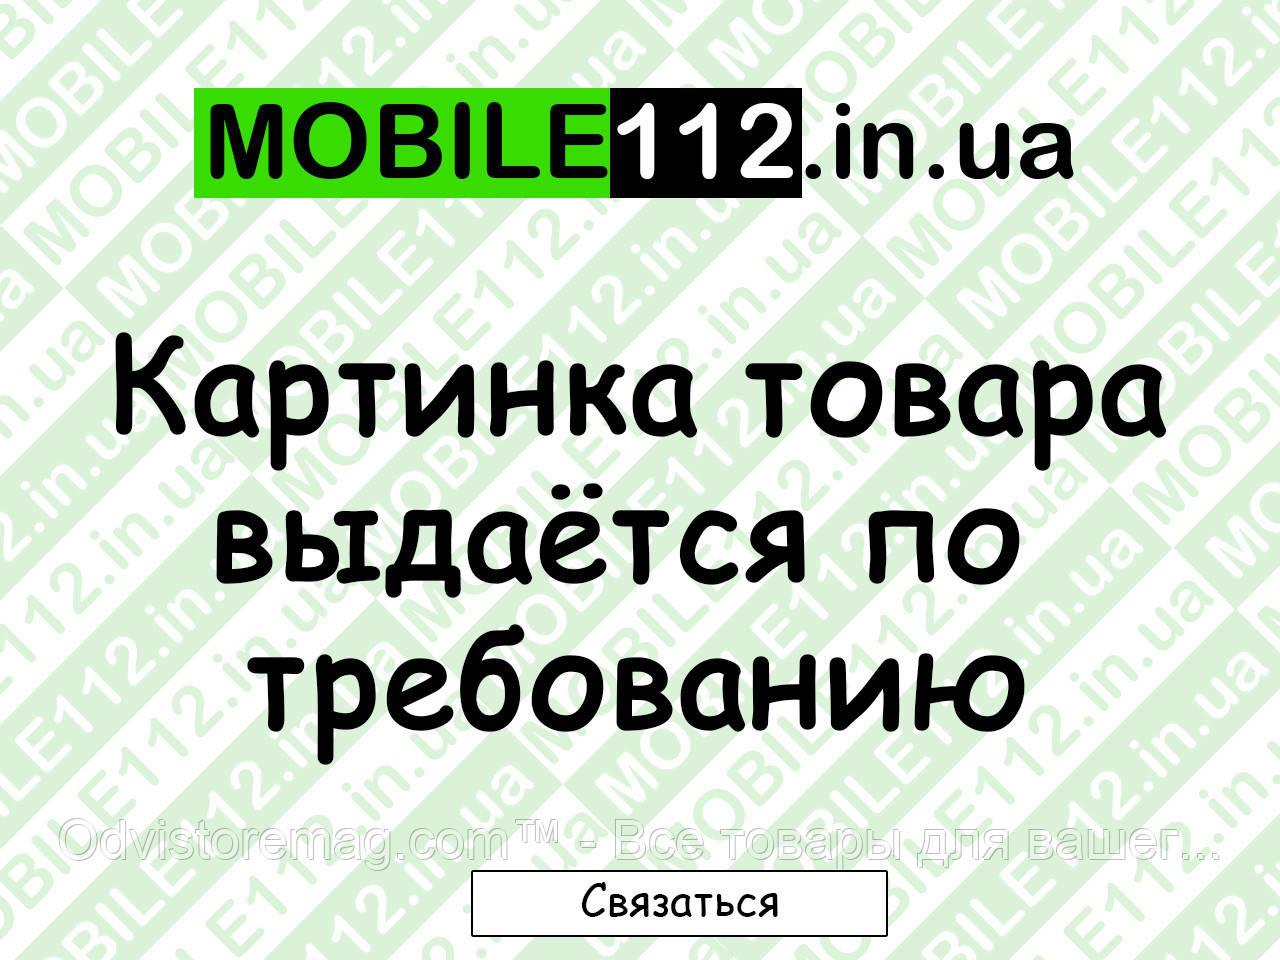 Усилитель мощности SKY77344-11 для Samsung S3310, S5200, S5230 Star, S5230W  - ivistore.com.ua в Киеве